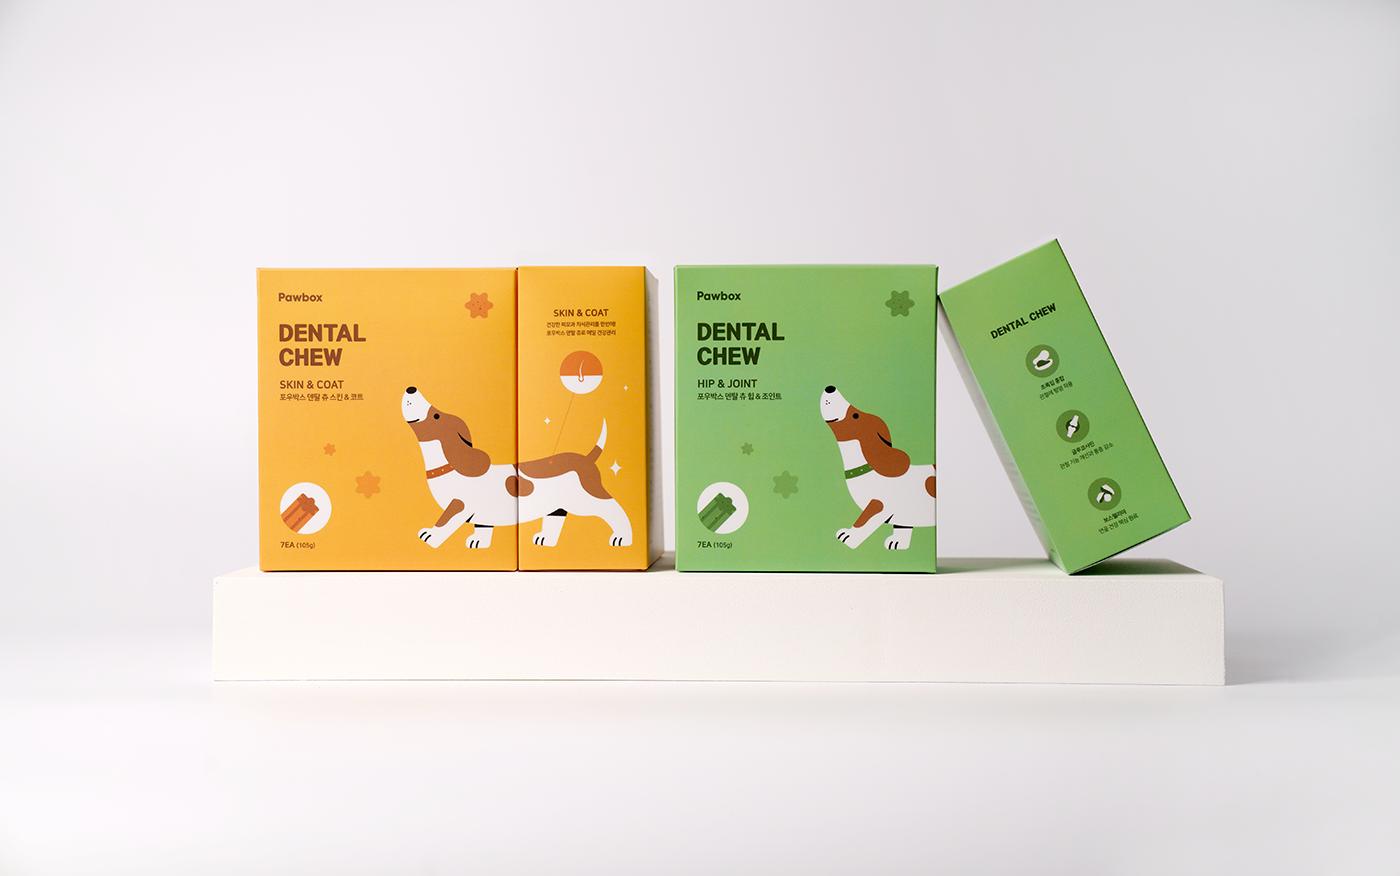 优秀包装设计分享|宠物品牌与包装设计欣赏